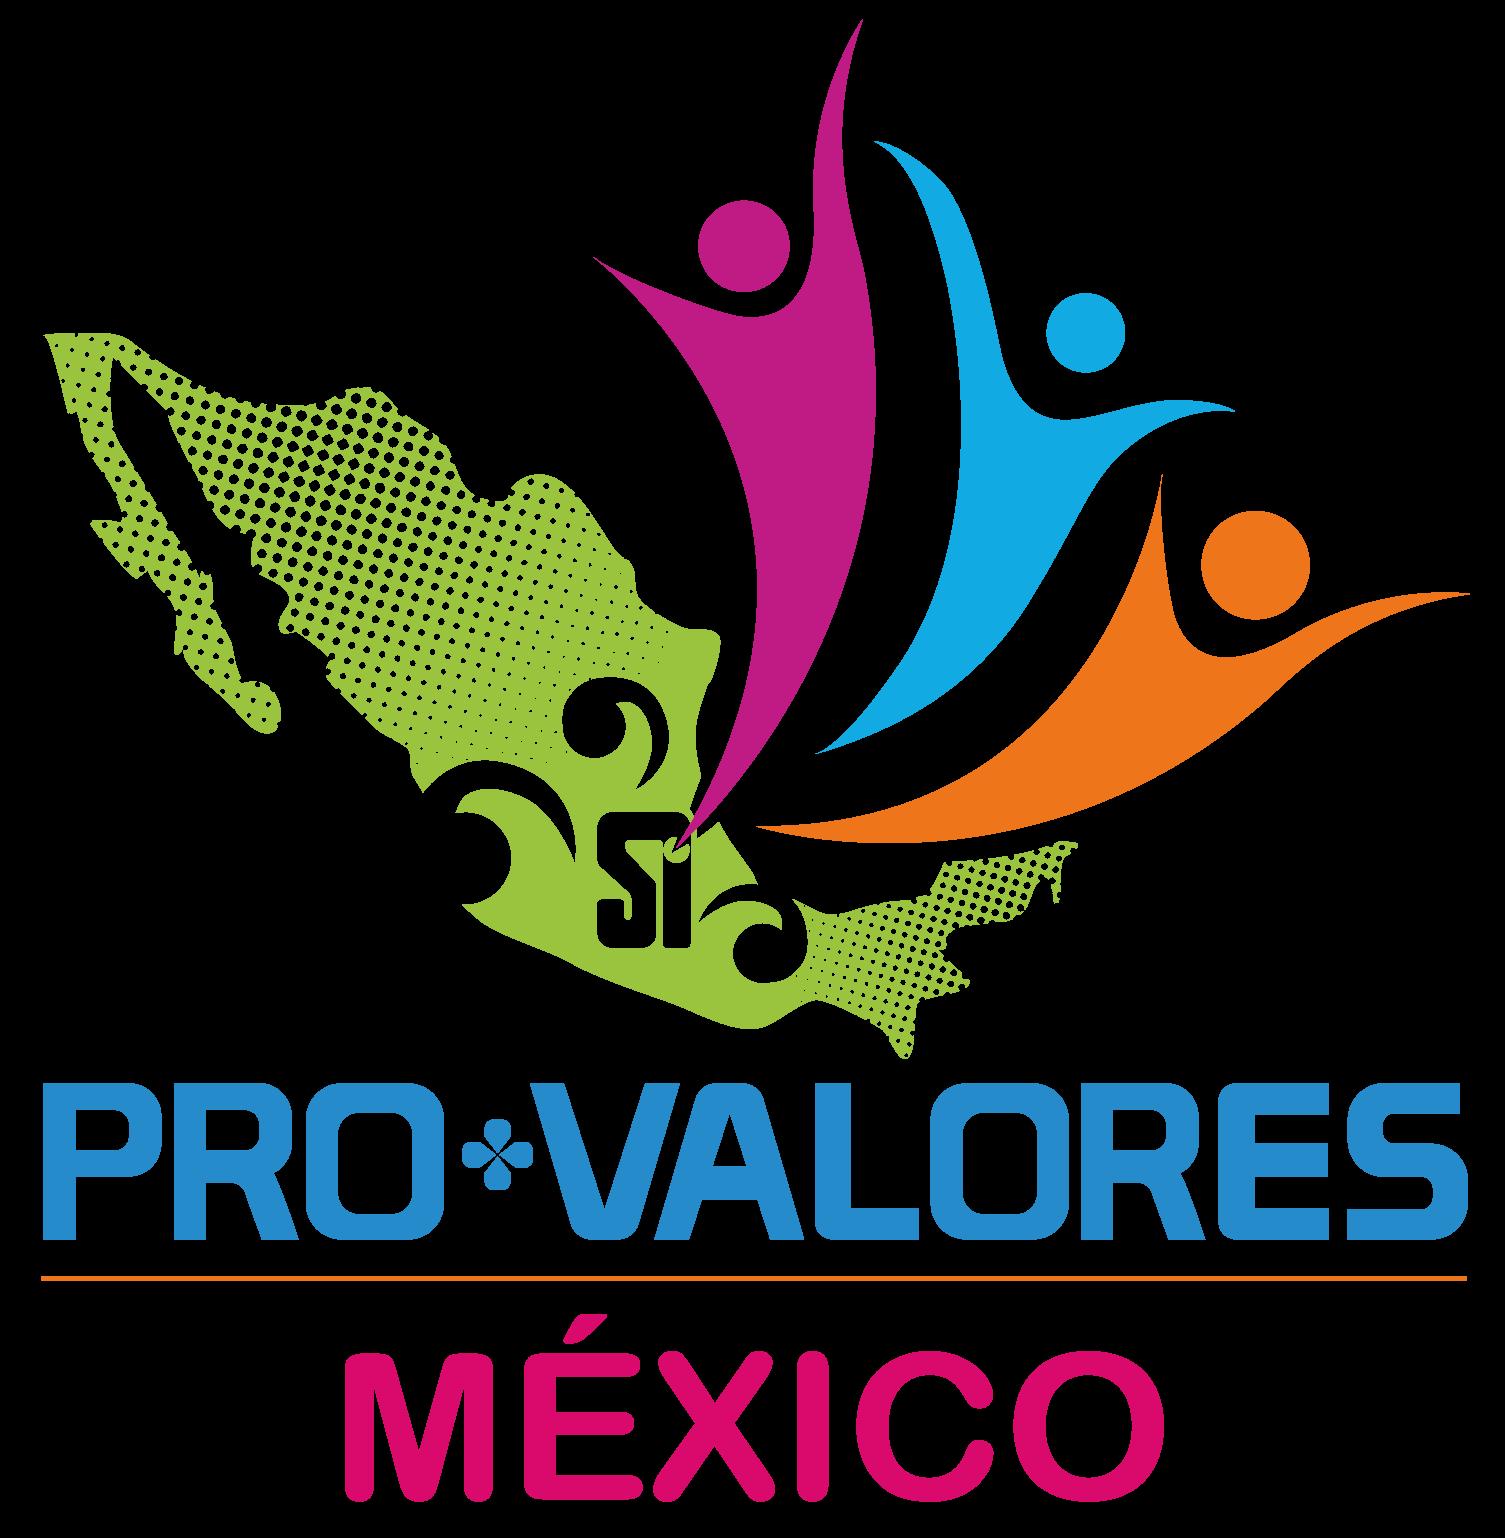 www.facebook.com/ProvaloresMexic/?epa=SEARCH_BOX